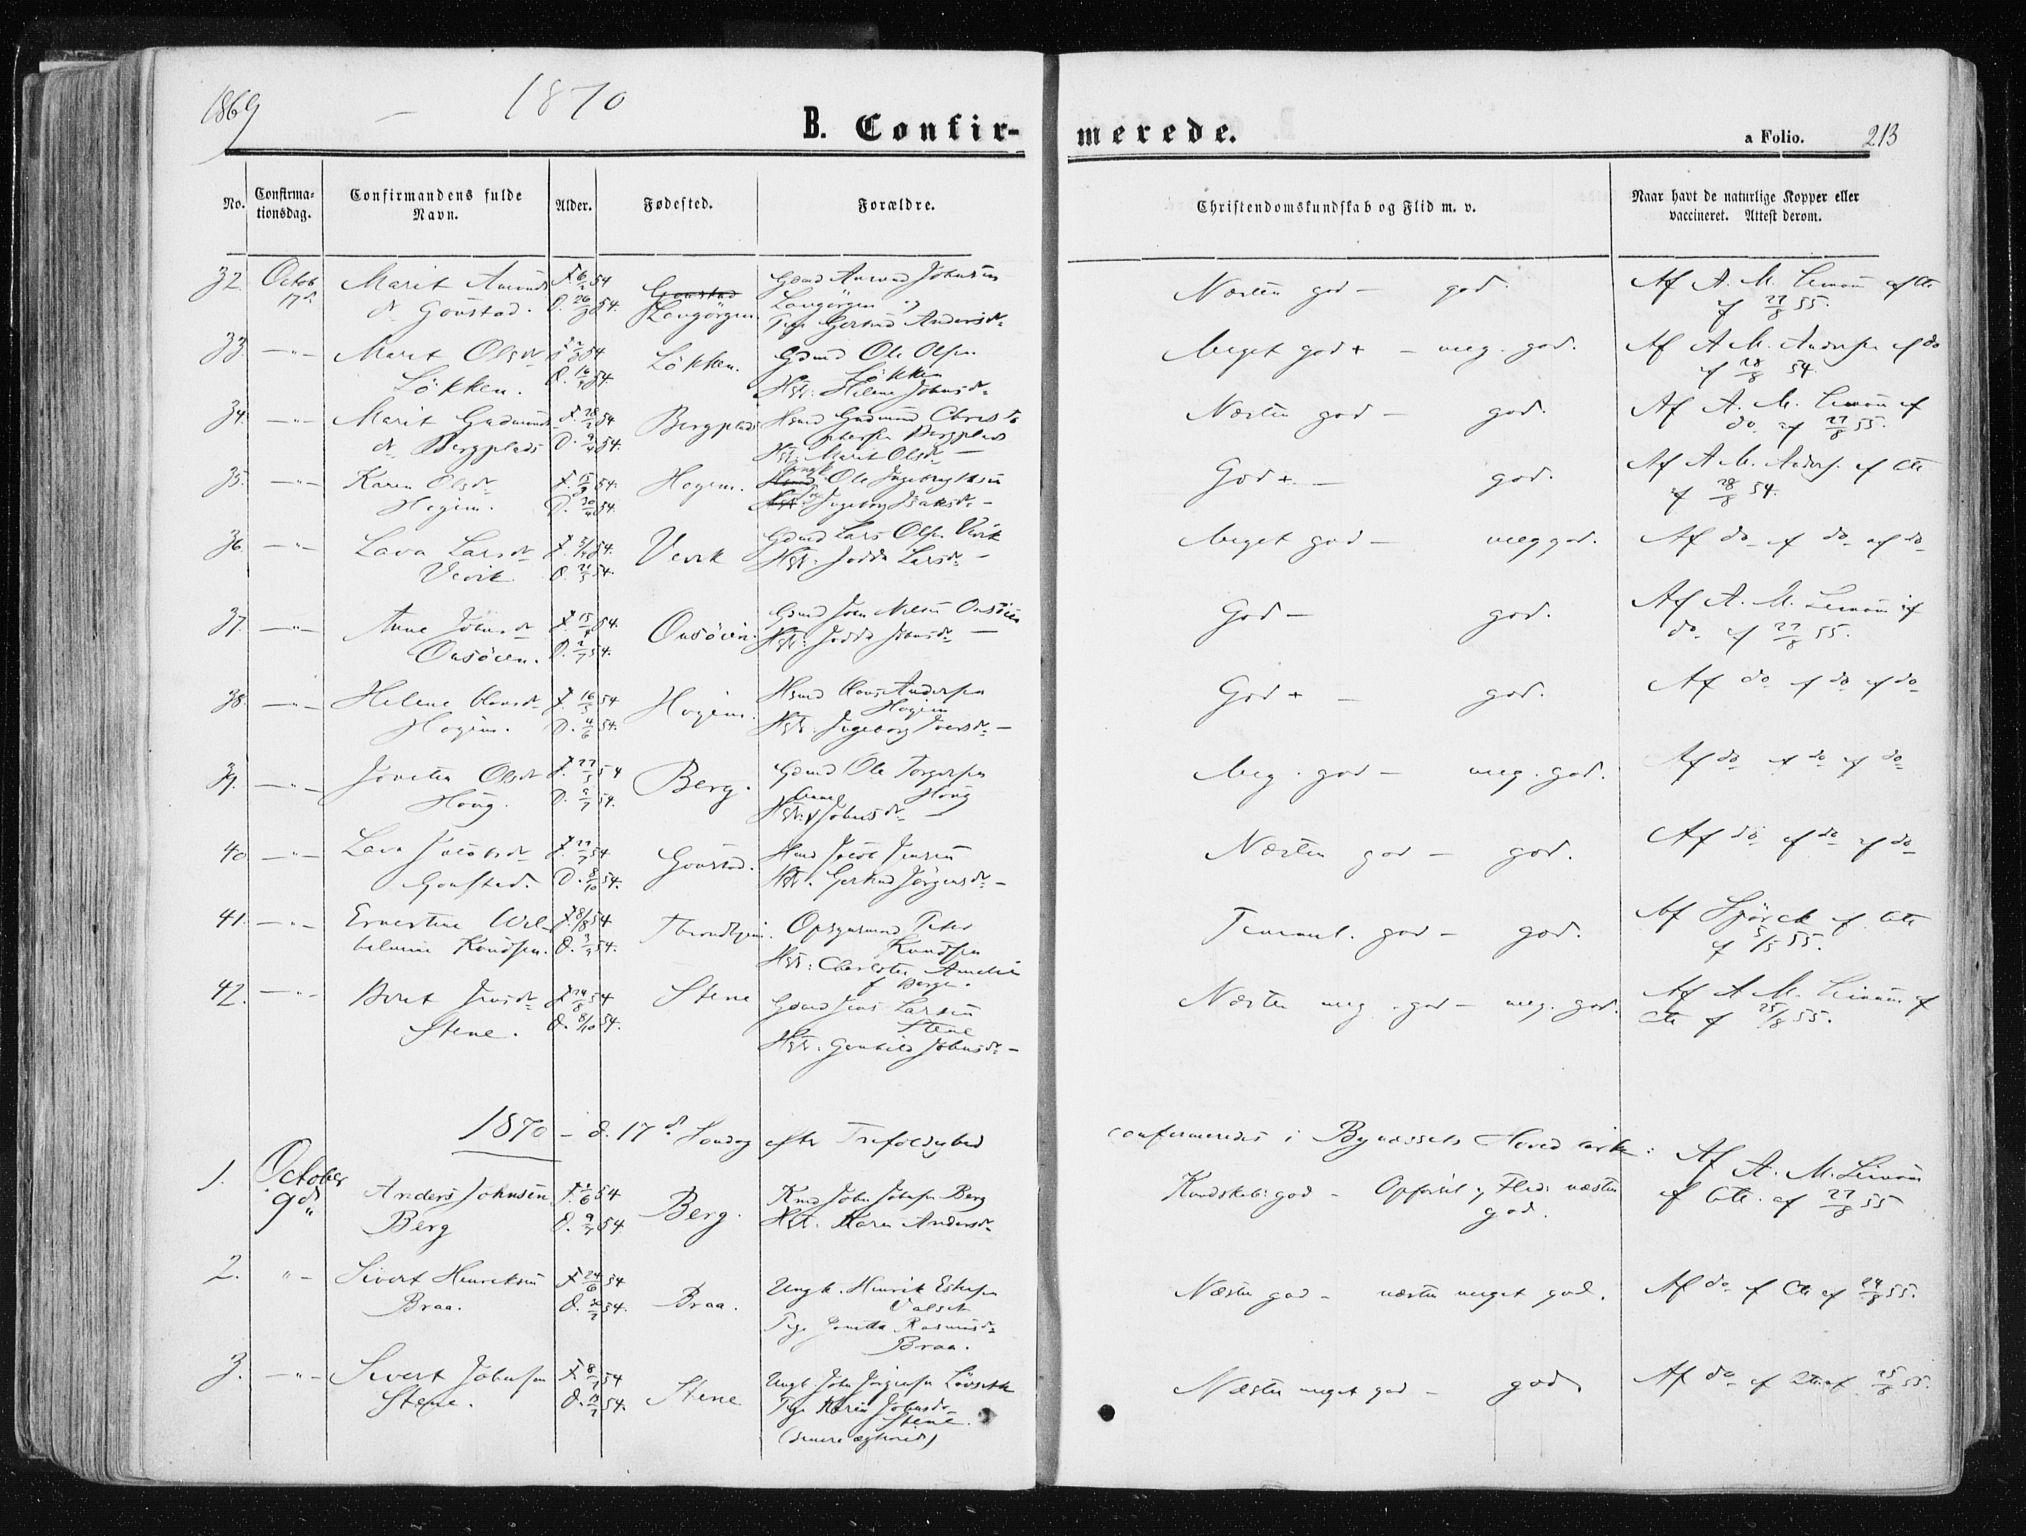 SAT, Ministerialprotokoller, klokkerbøker og fødselsregistre - Sør-Trøndelag, 612/L0377: Ministerialbok nr. 612A09, 1859-1877, s. 213